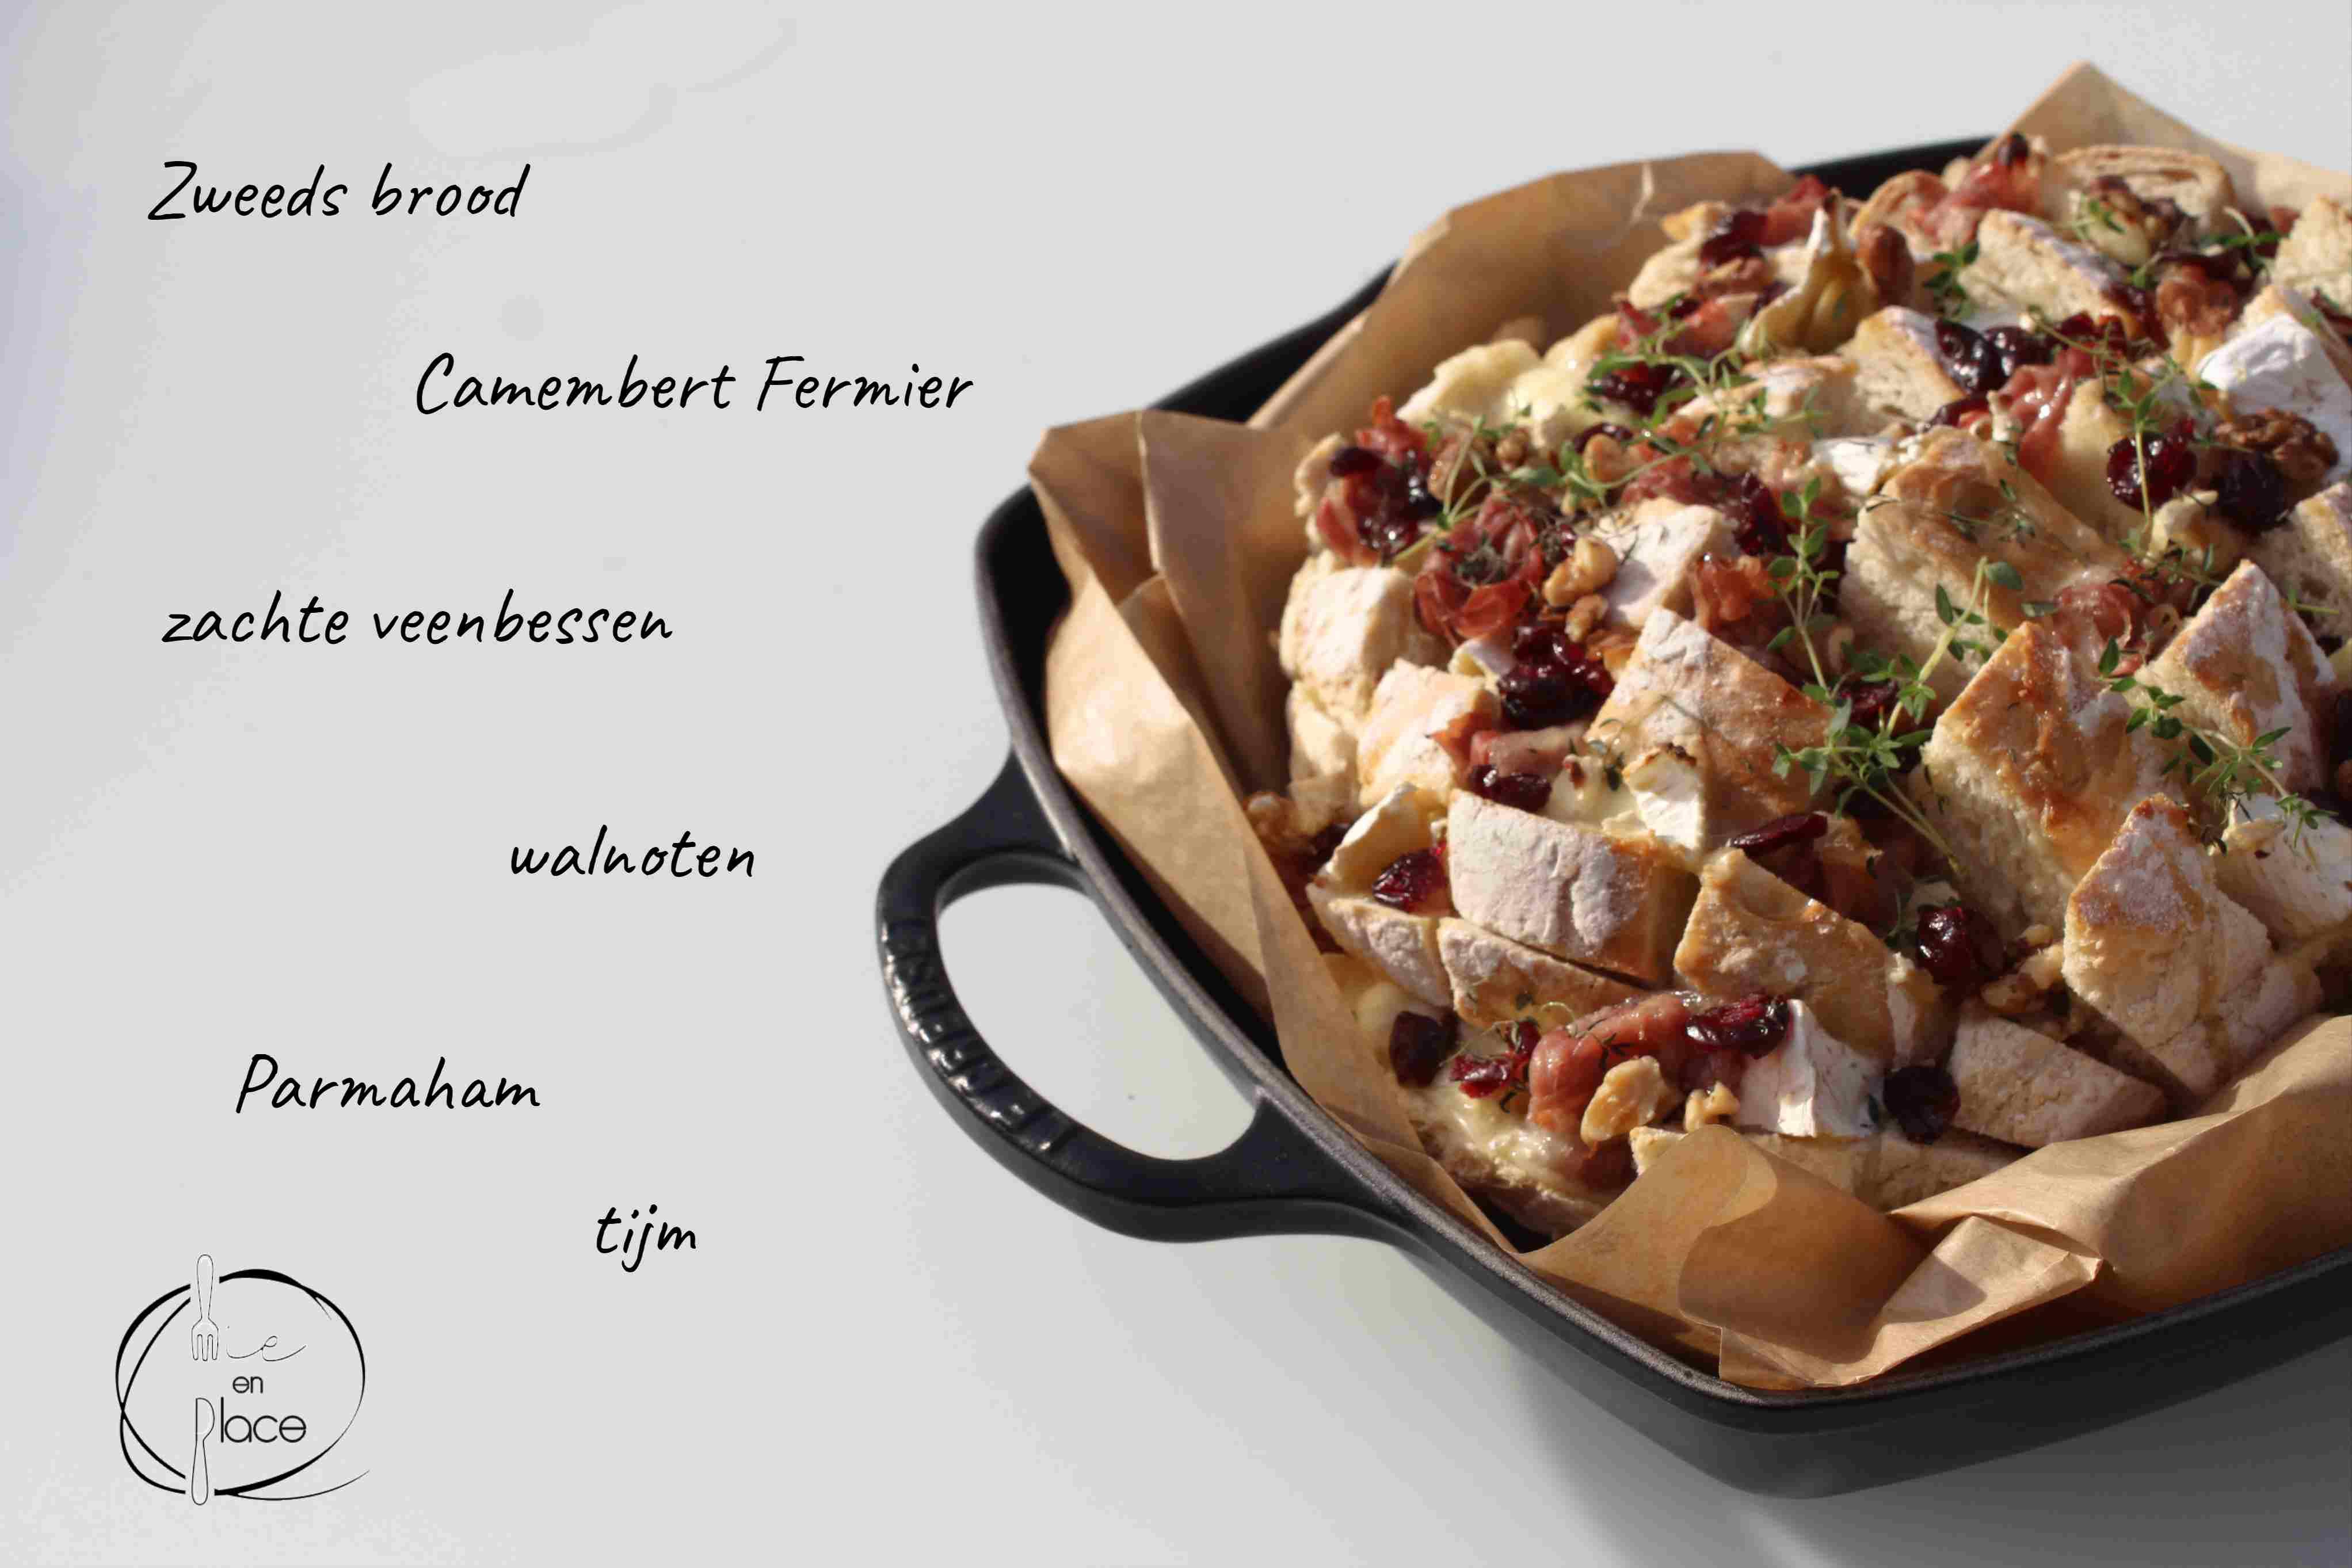 Plukbrood met Camembert